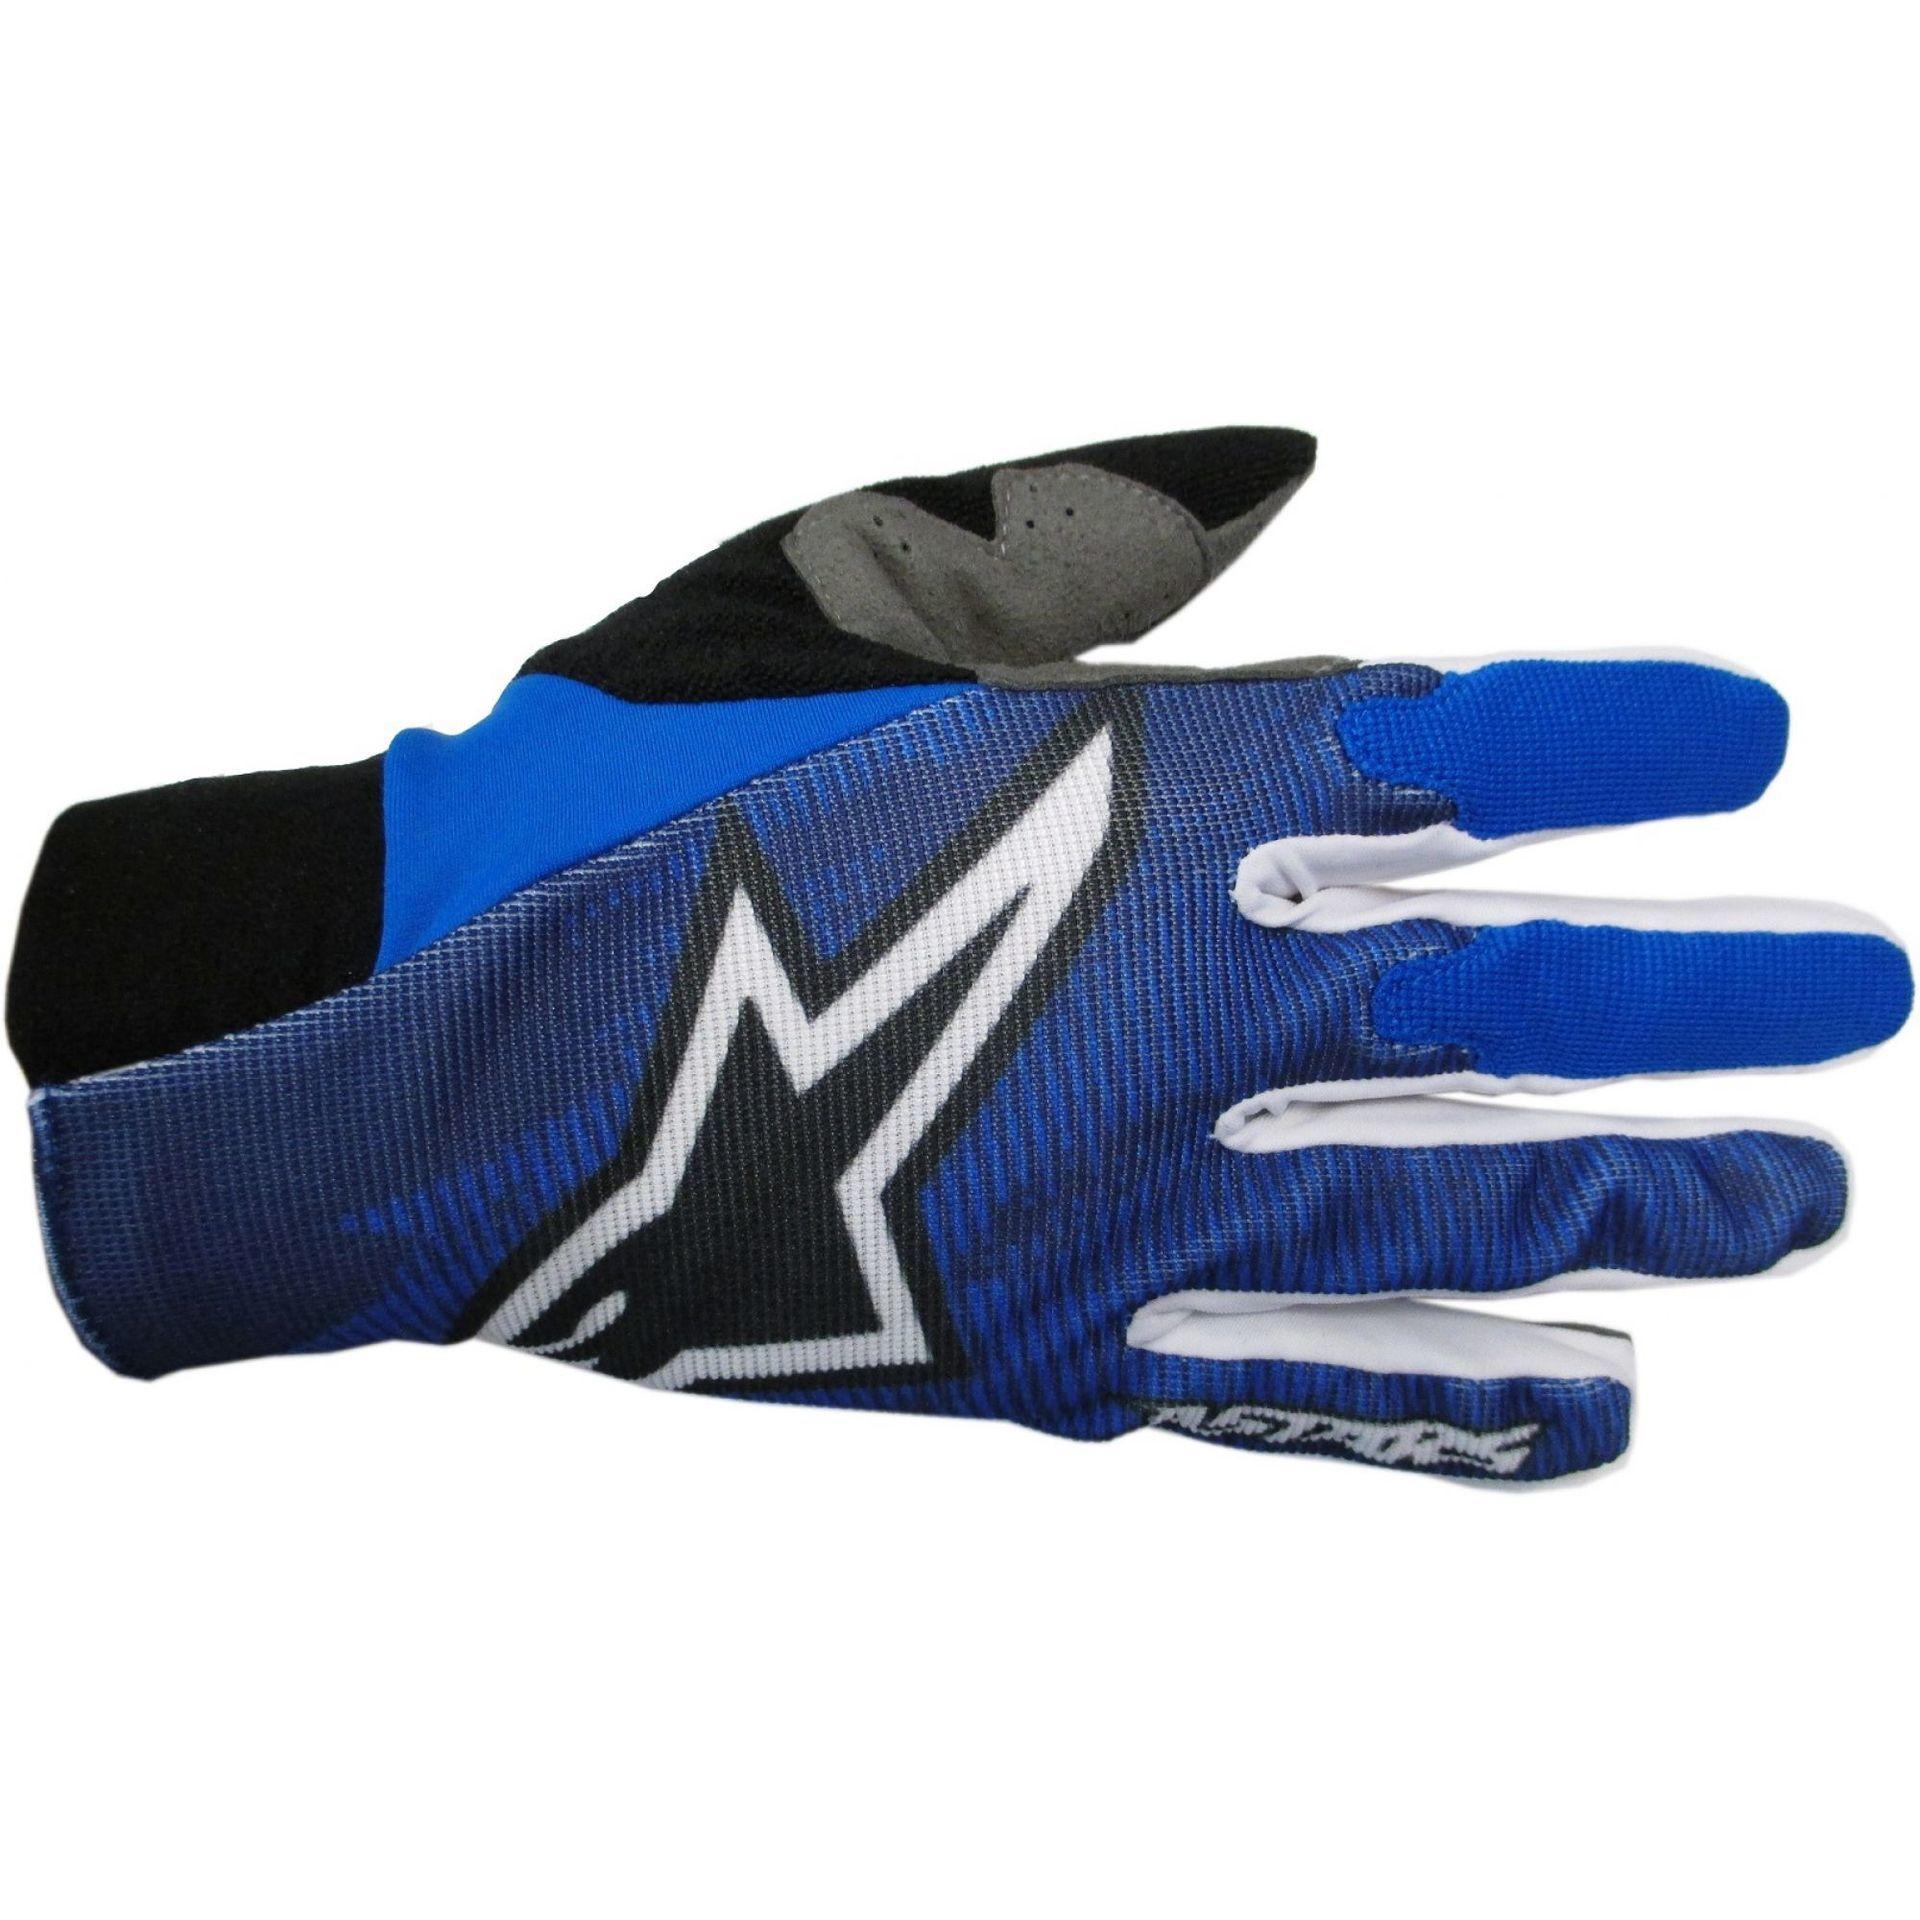 Rękawiczki rowerowe Alpinestars Aero niebieskie